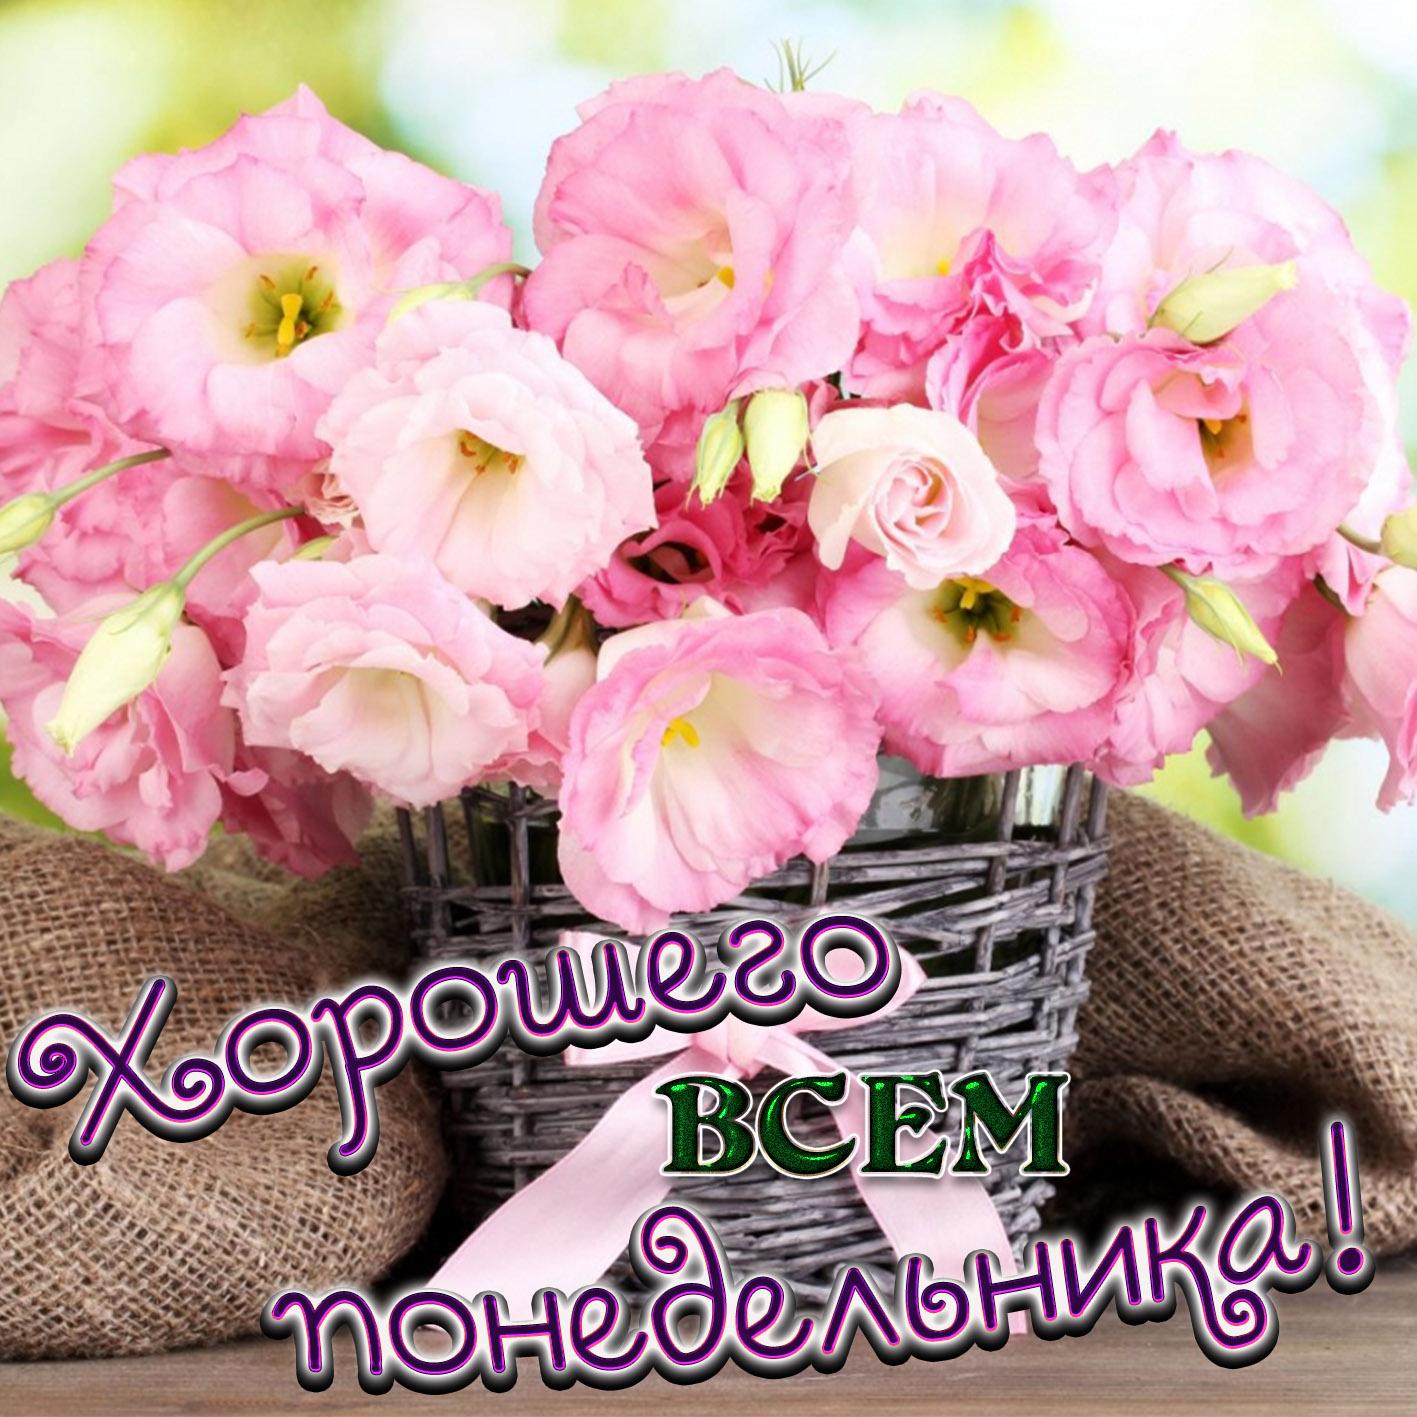 Марта открытка, картинки с цветами просто доброе утро понедельника